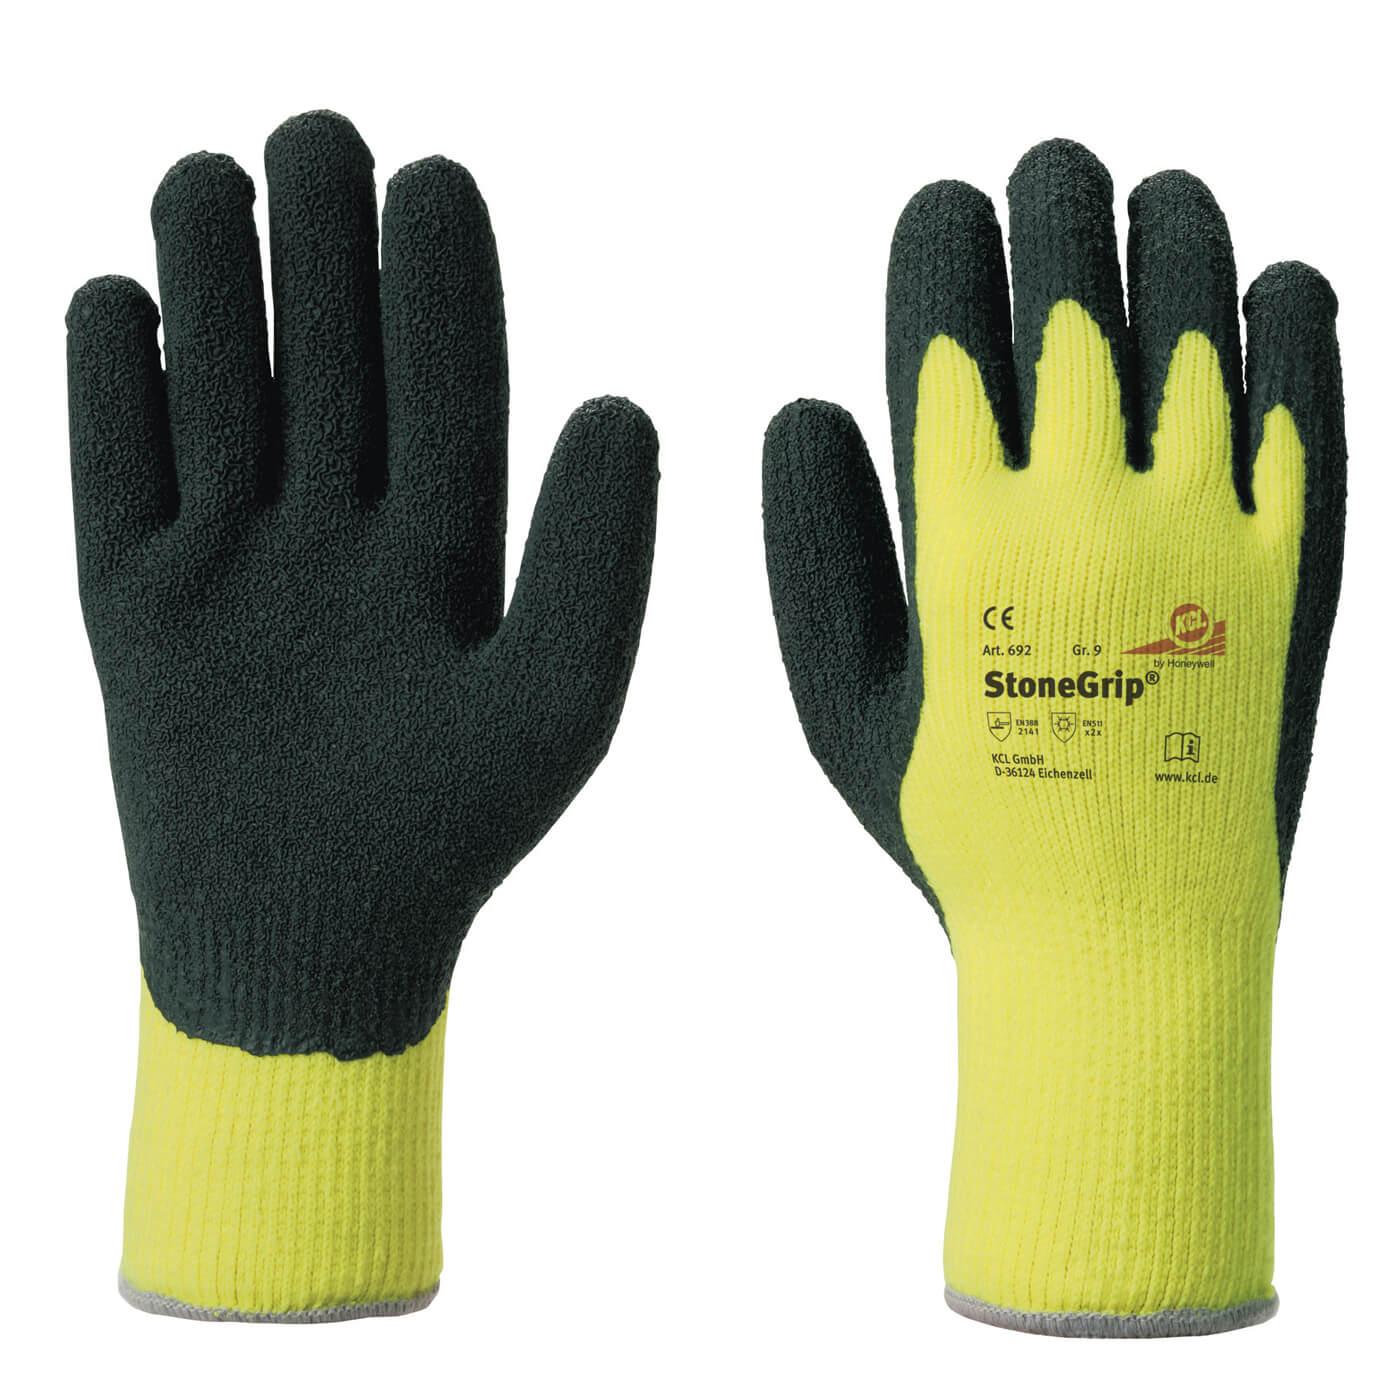 Rękawice zimowe KCL 692 STONE GRIP